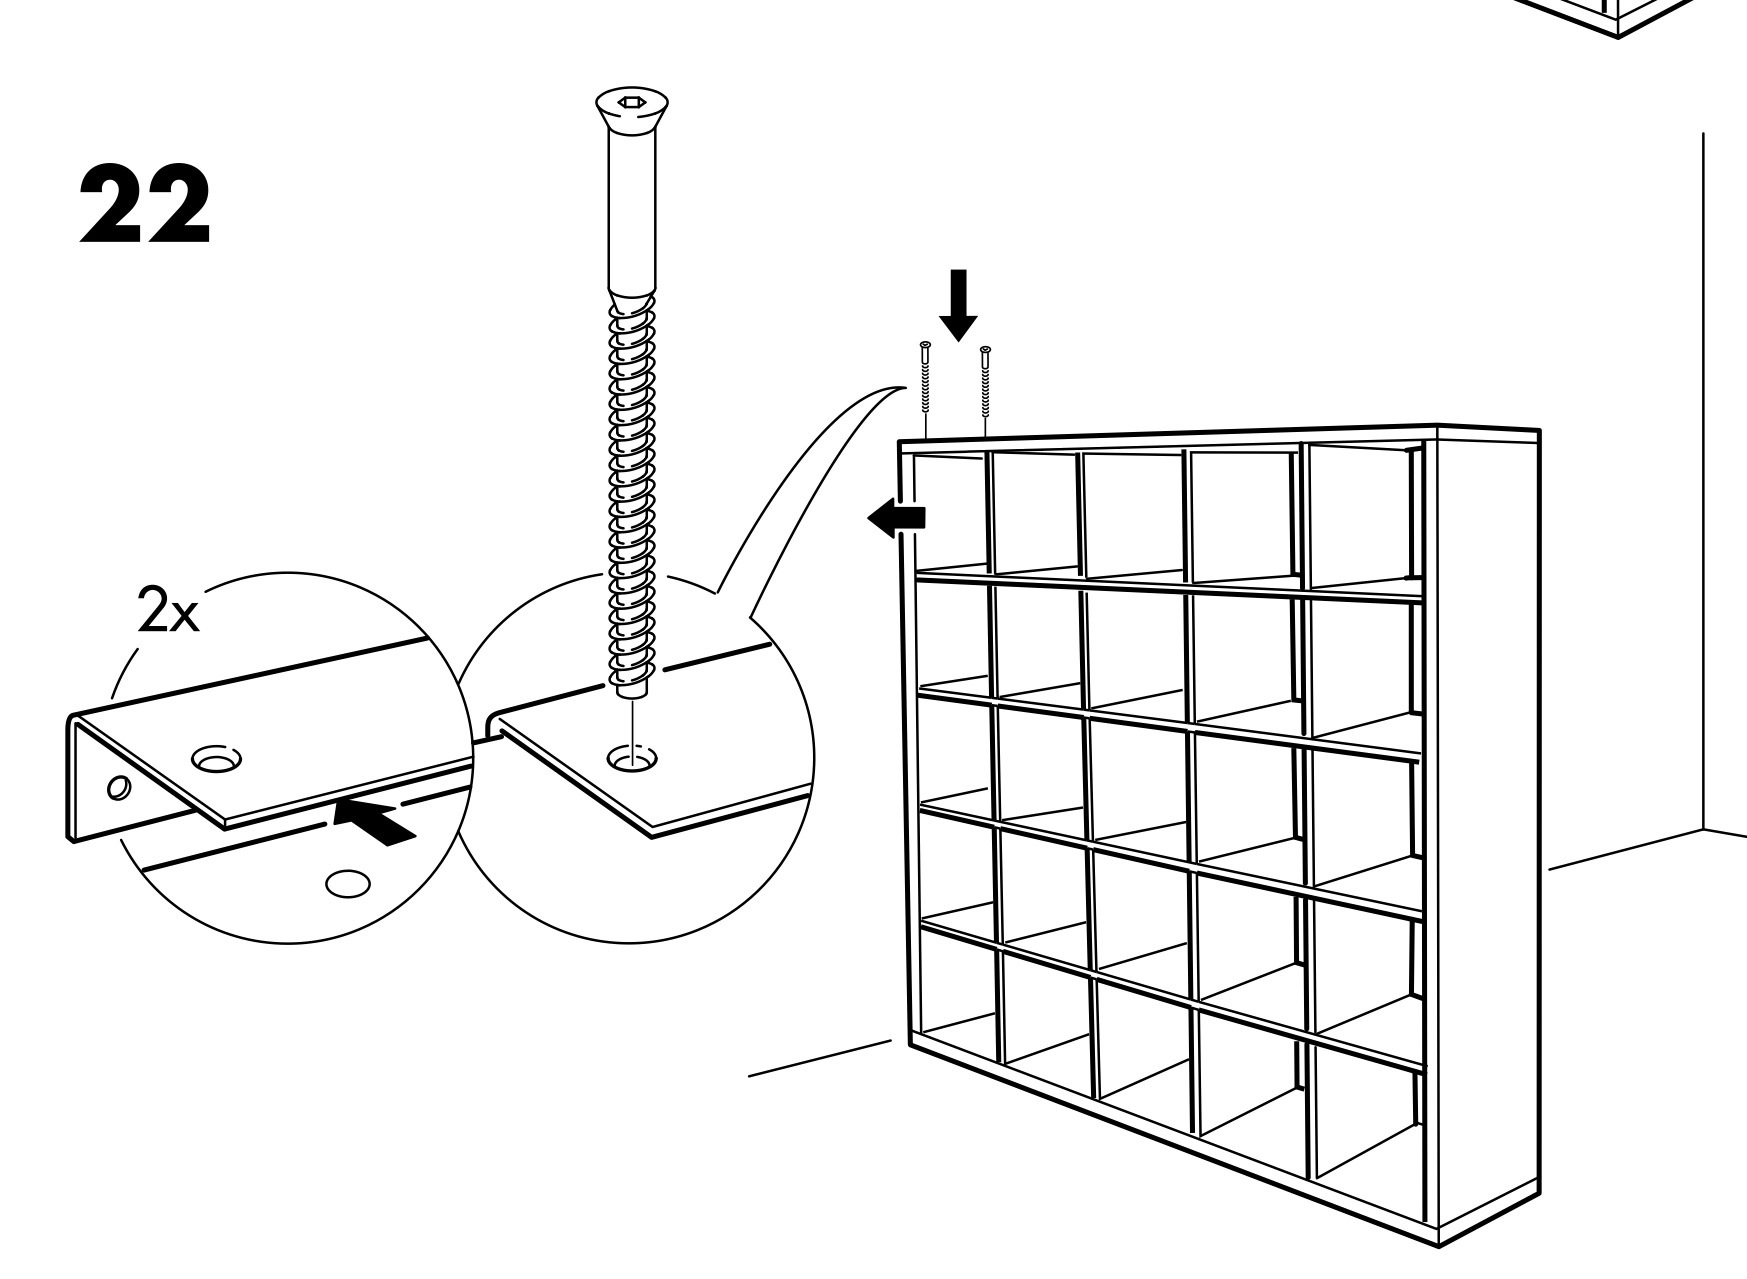 Schreibtisch Ikea Weiß Billig ~ http  tweakers net ext f u2N62O9s3nVJfoMVJFN44g0T full jpg